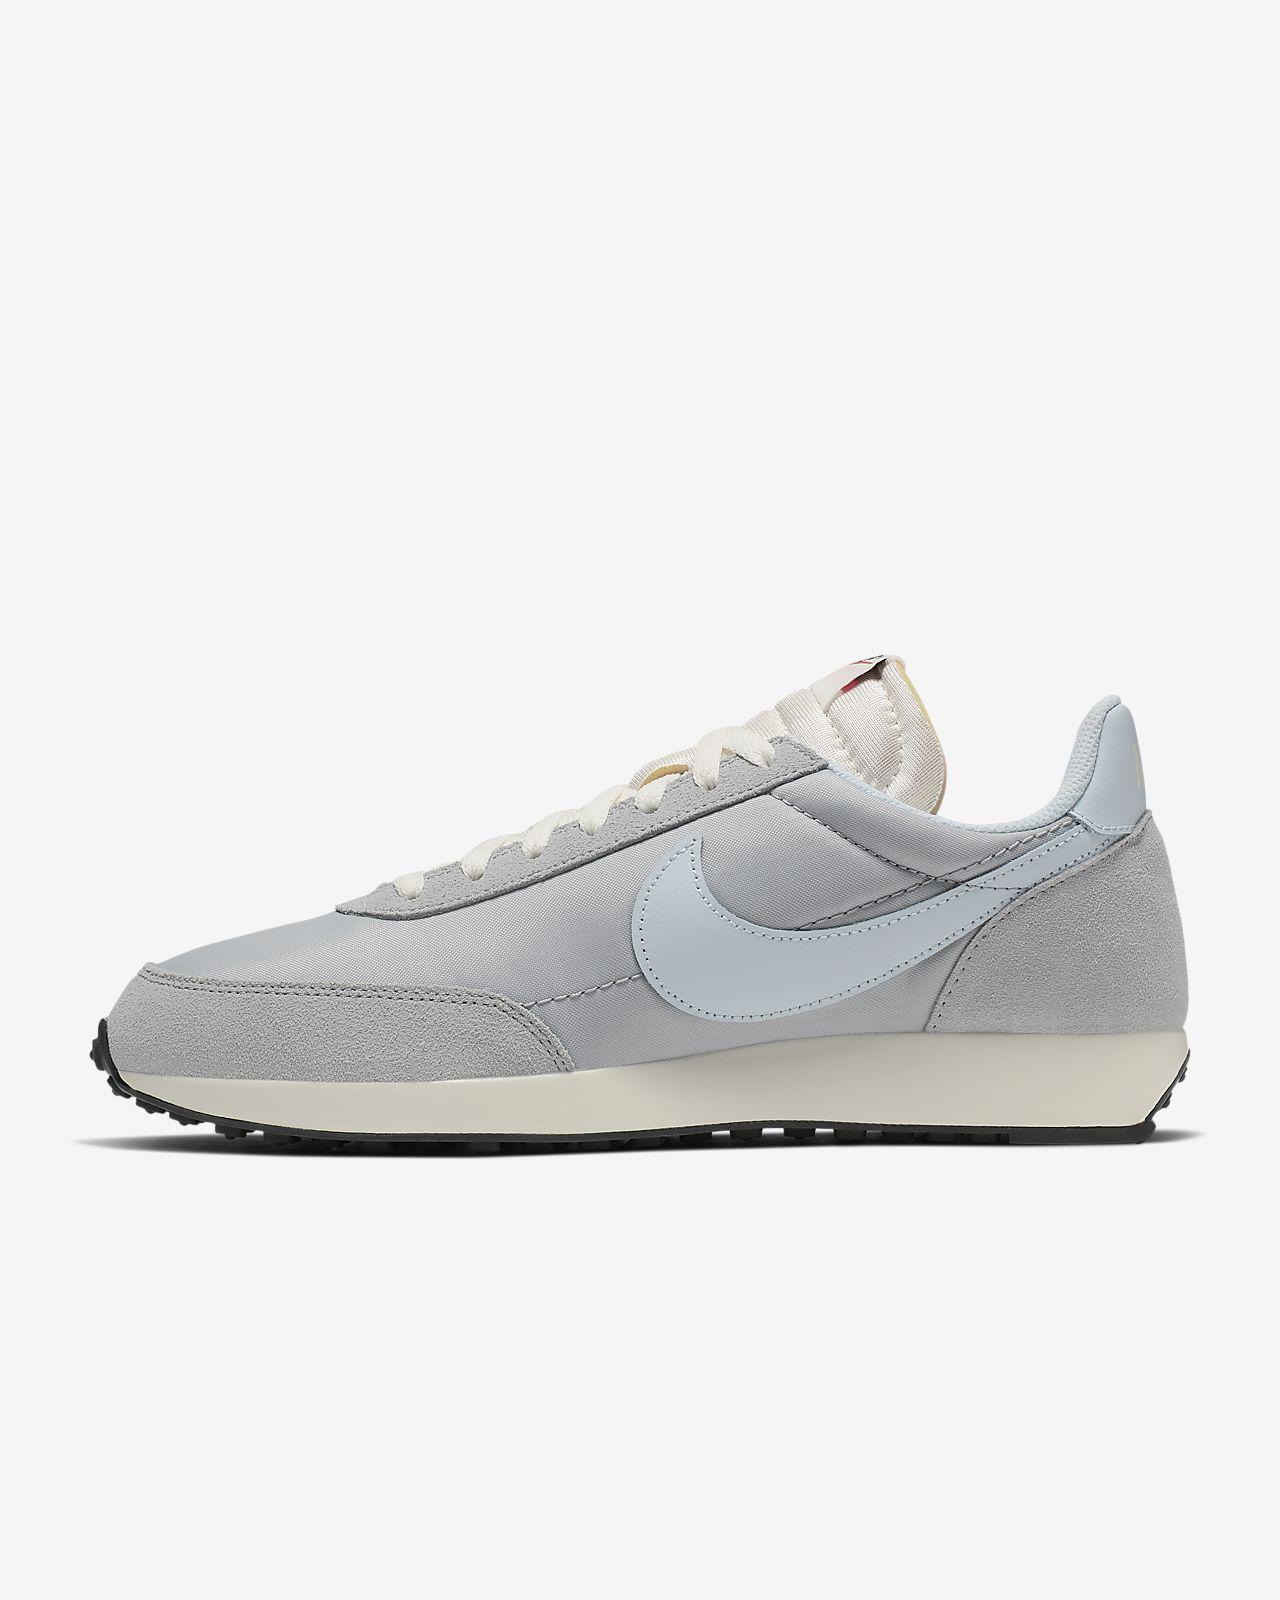 Sko Nike Air Tailwind 79